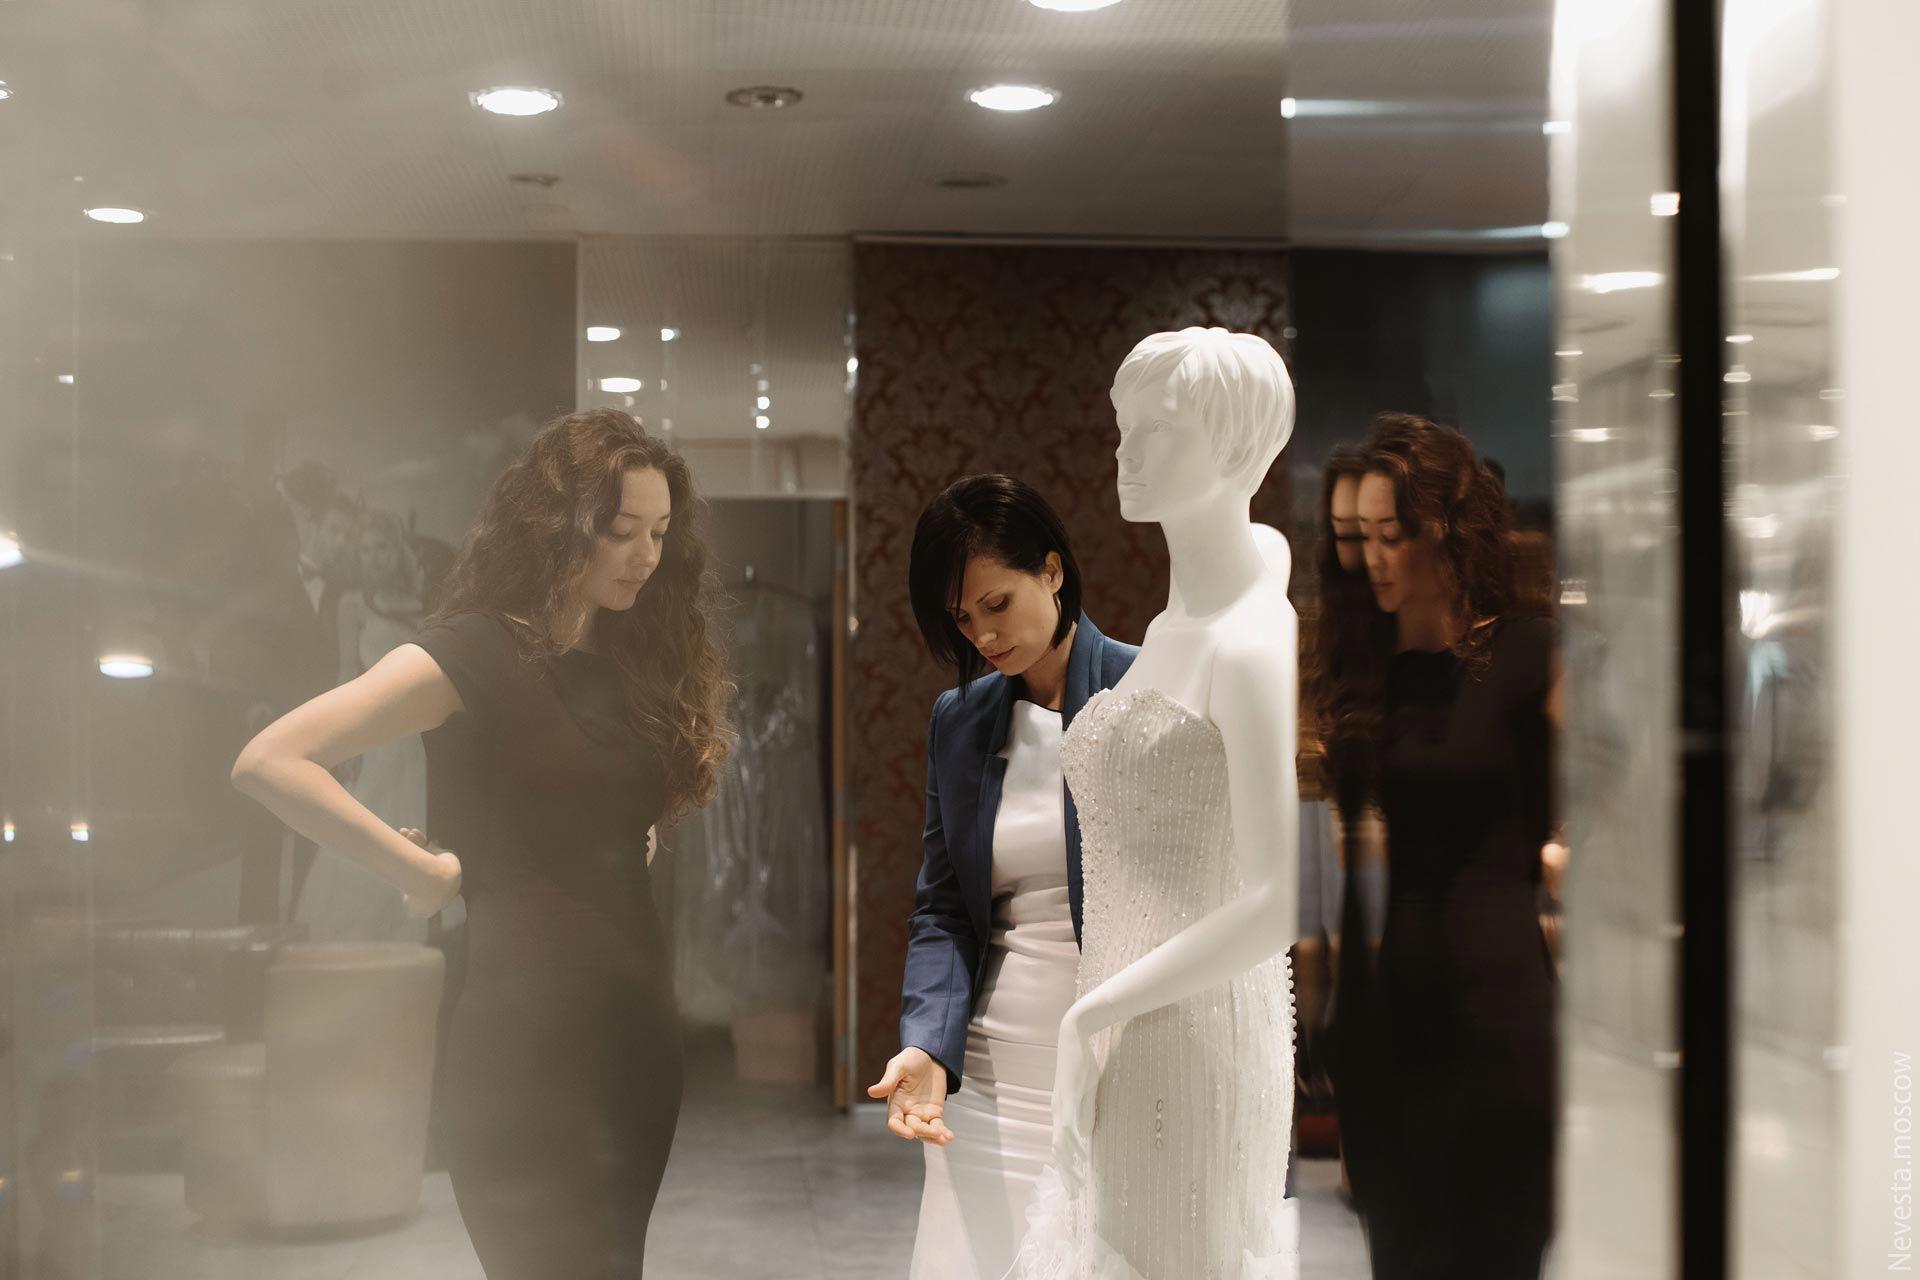 Рената Байкова примеряет свадебное платье фото 16